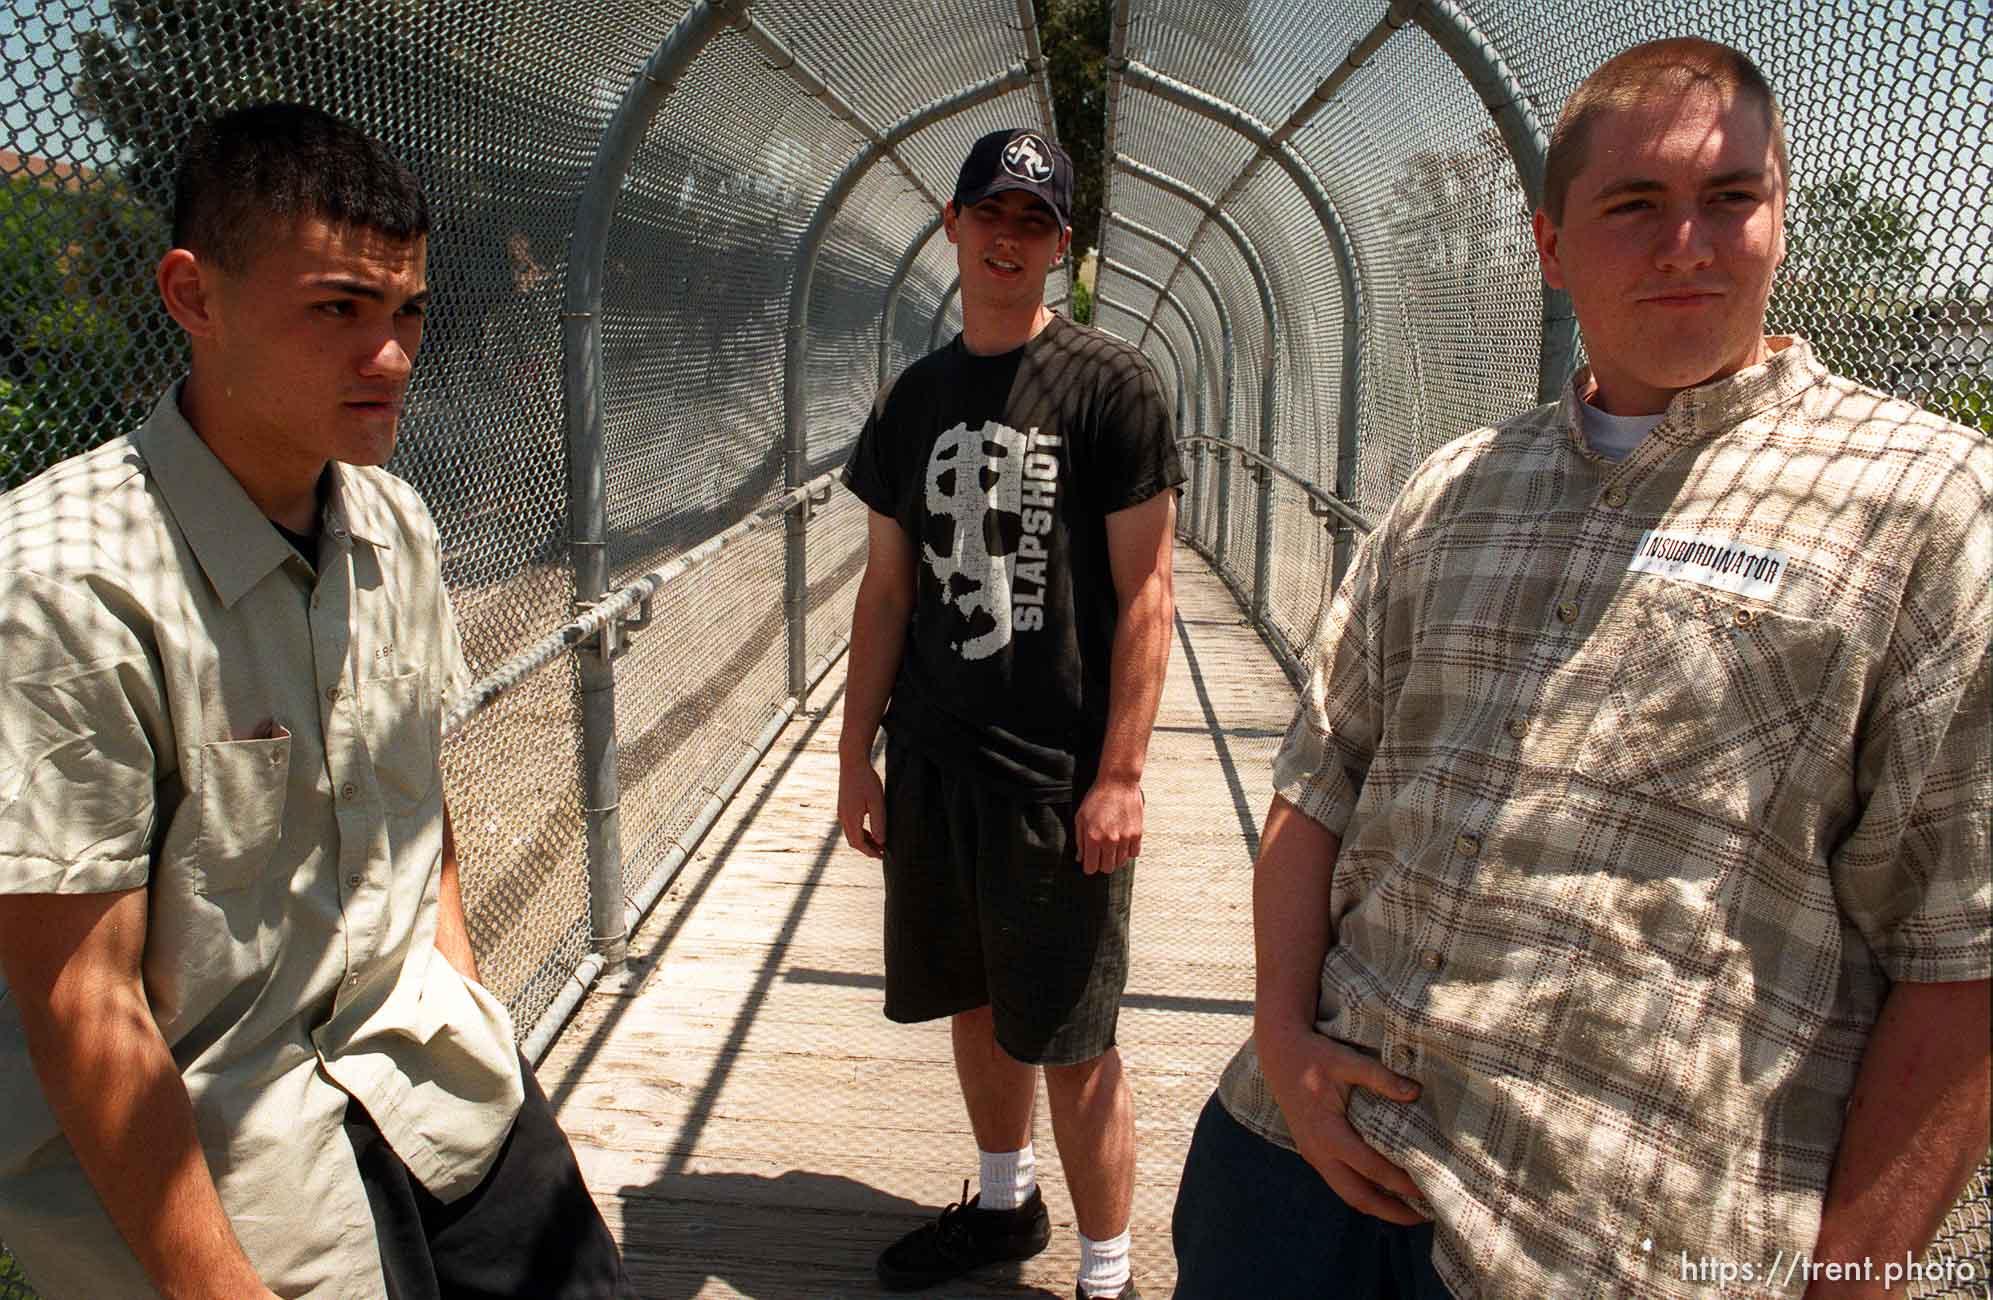 Colby Buzzell, Peter Hansen. Insubordinator staff shot.